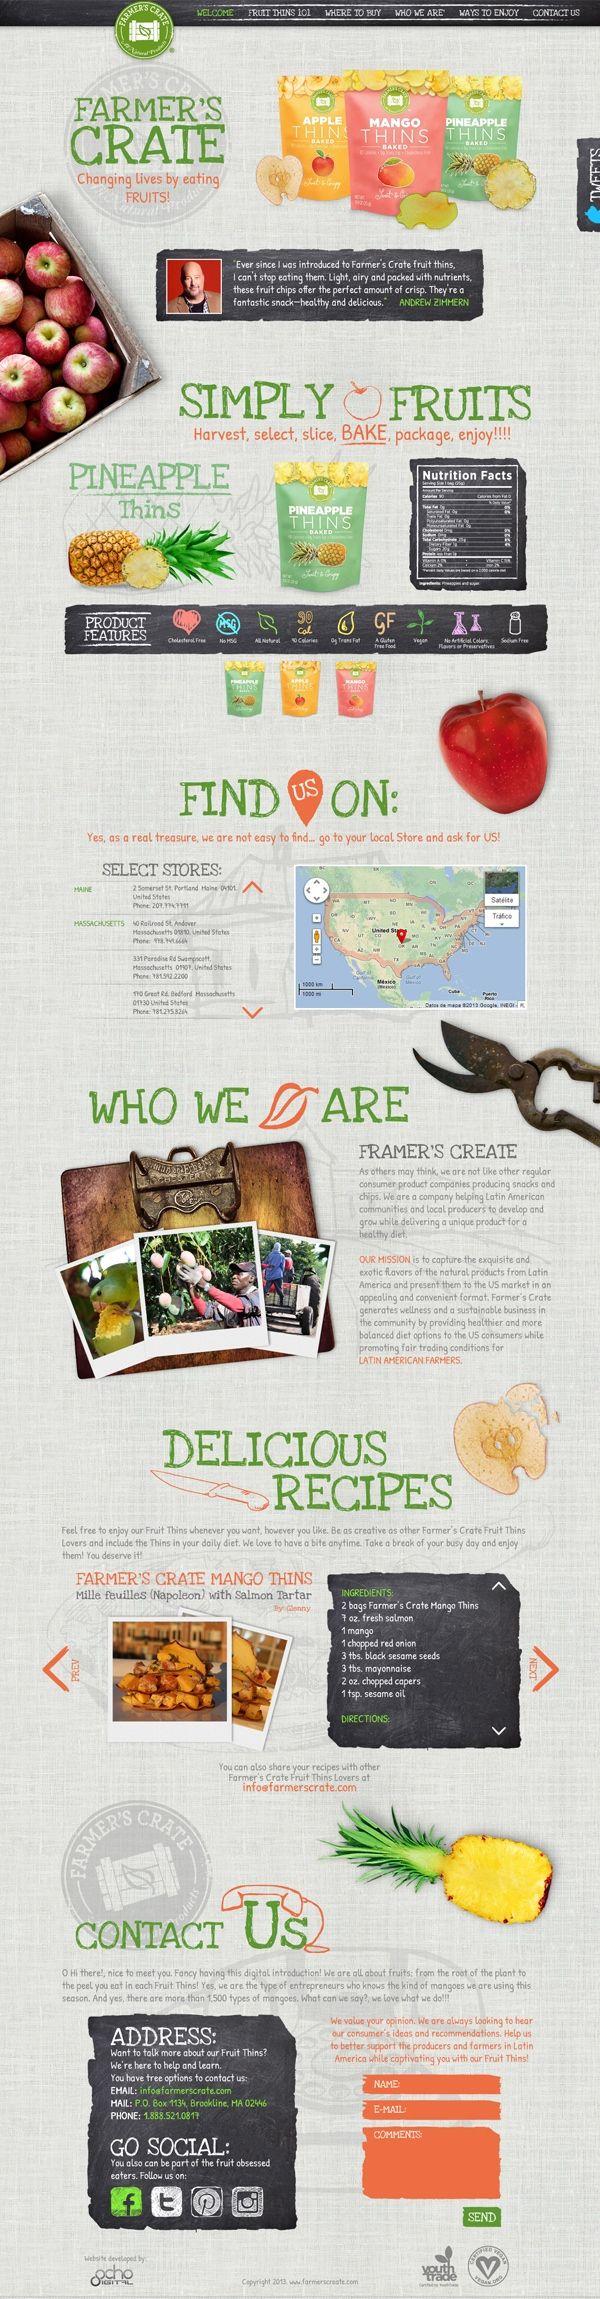 Cool Web Design, Farmer's Crate. #webdesign #webdevelopment [http://www.pinterest.com/alfredchong/]